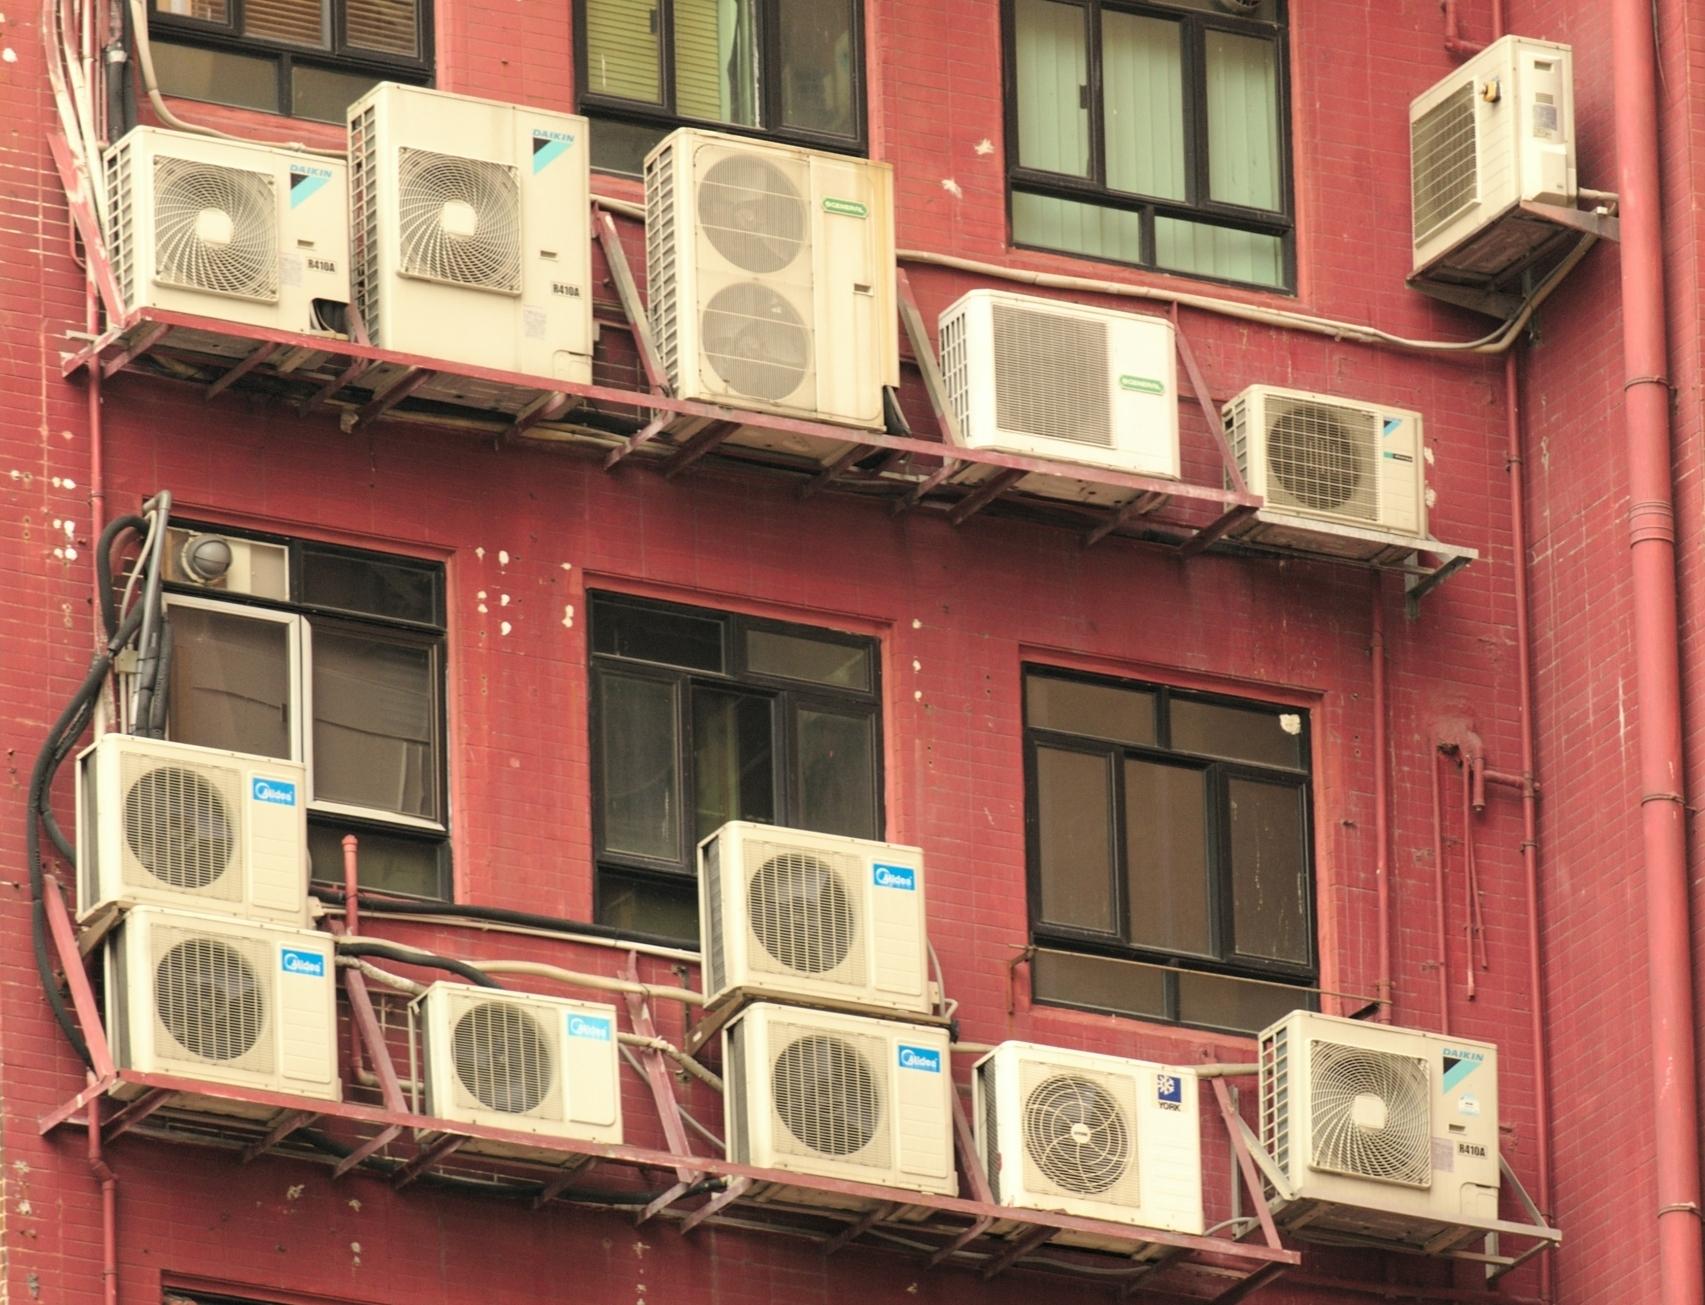 Ein Gebäude mit übermäßig vielen Klimaanlagen mit hohem Energieverbrauch.